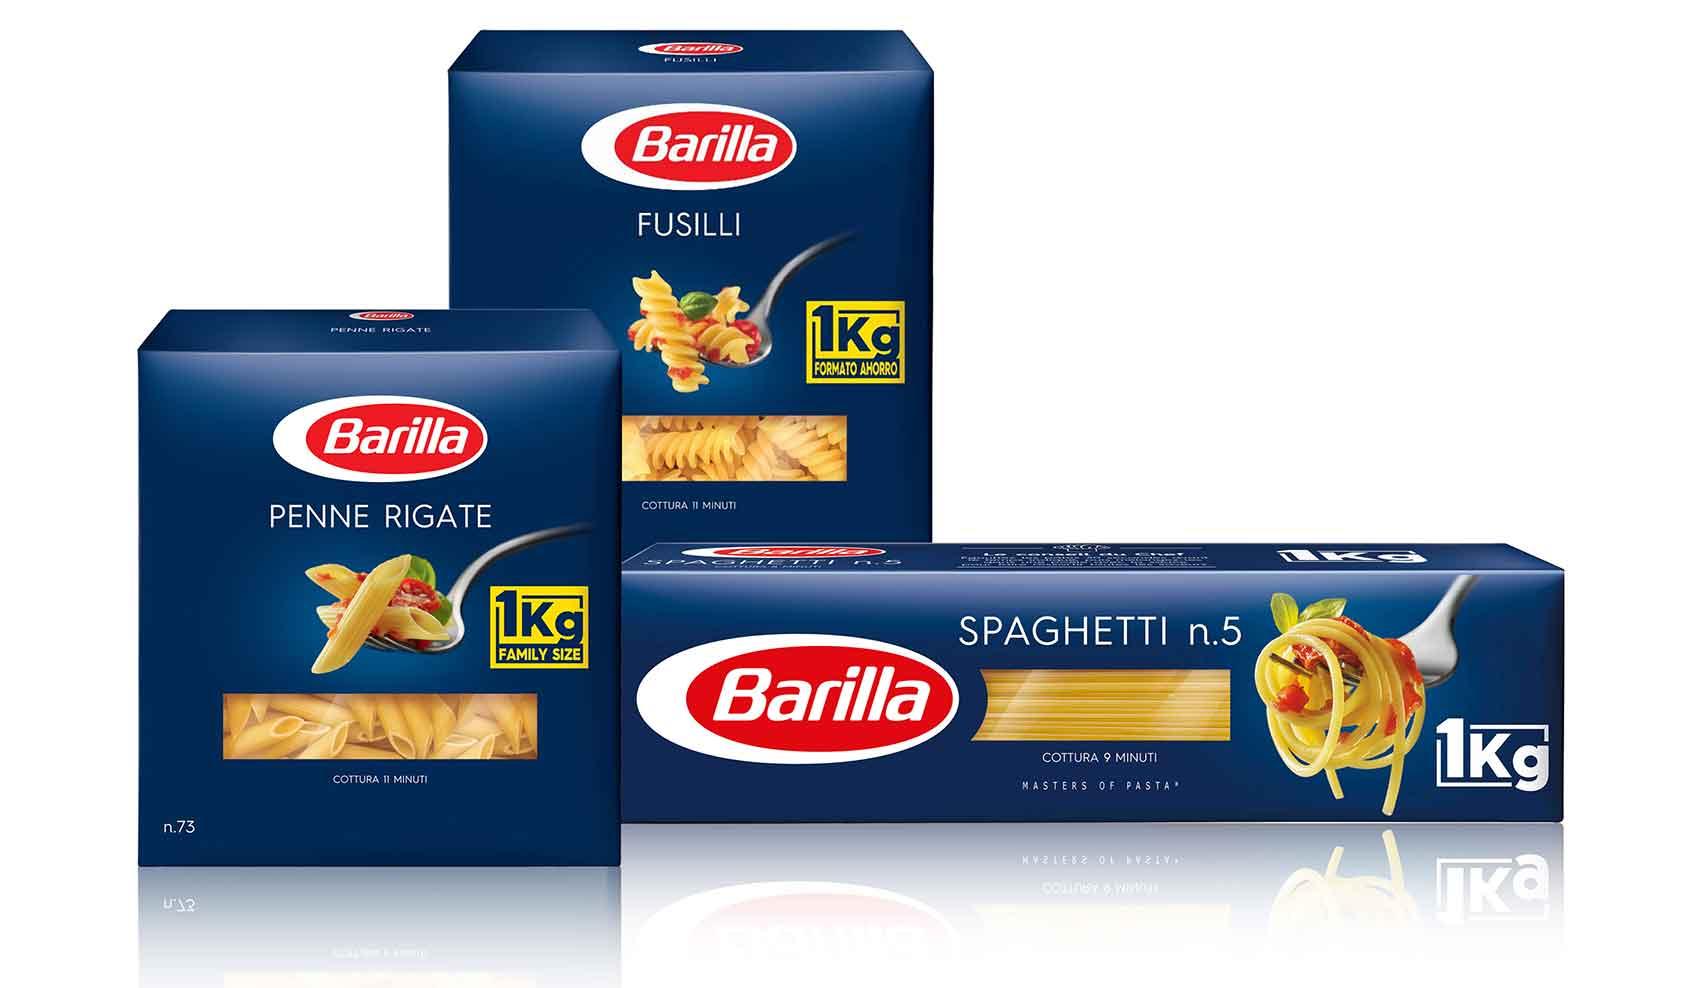 פסטה-ברילה-באריזה-מוגדלת-1-קג-מחיר-לצרכן-9.90-צילום-יחצ